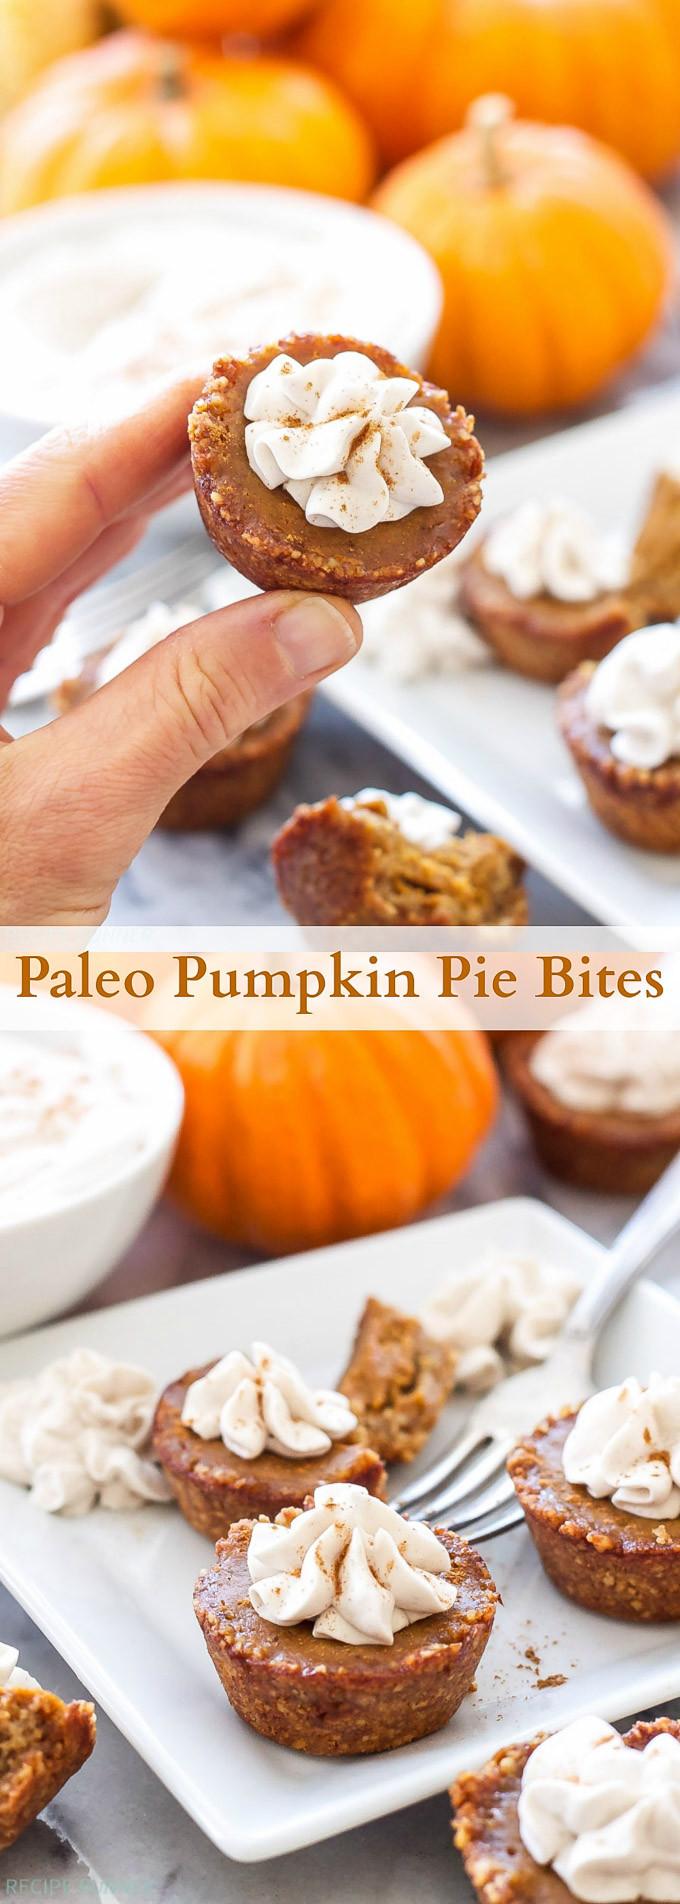 Pumpkin Pie Bite  Paleo Pumpkin Pie Bites Recipe Runner